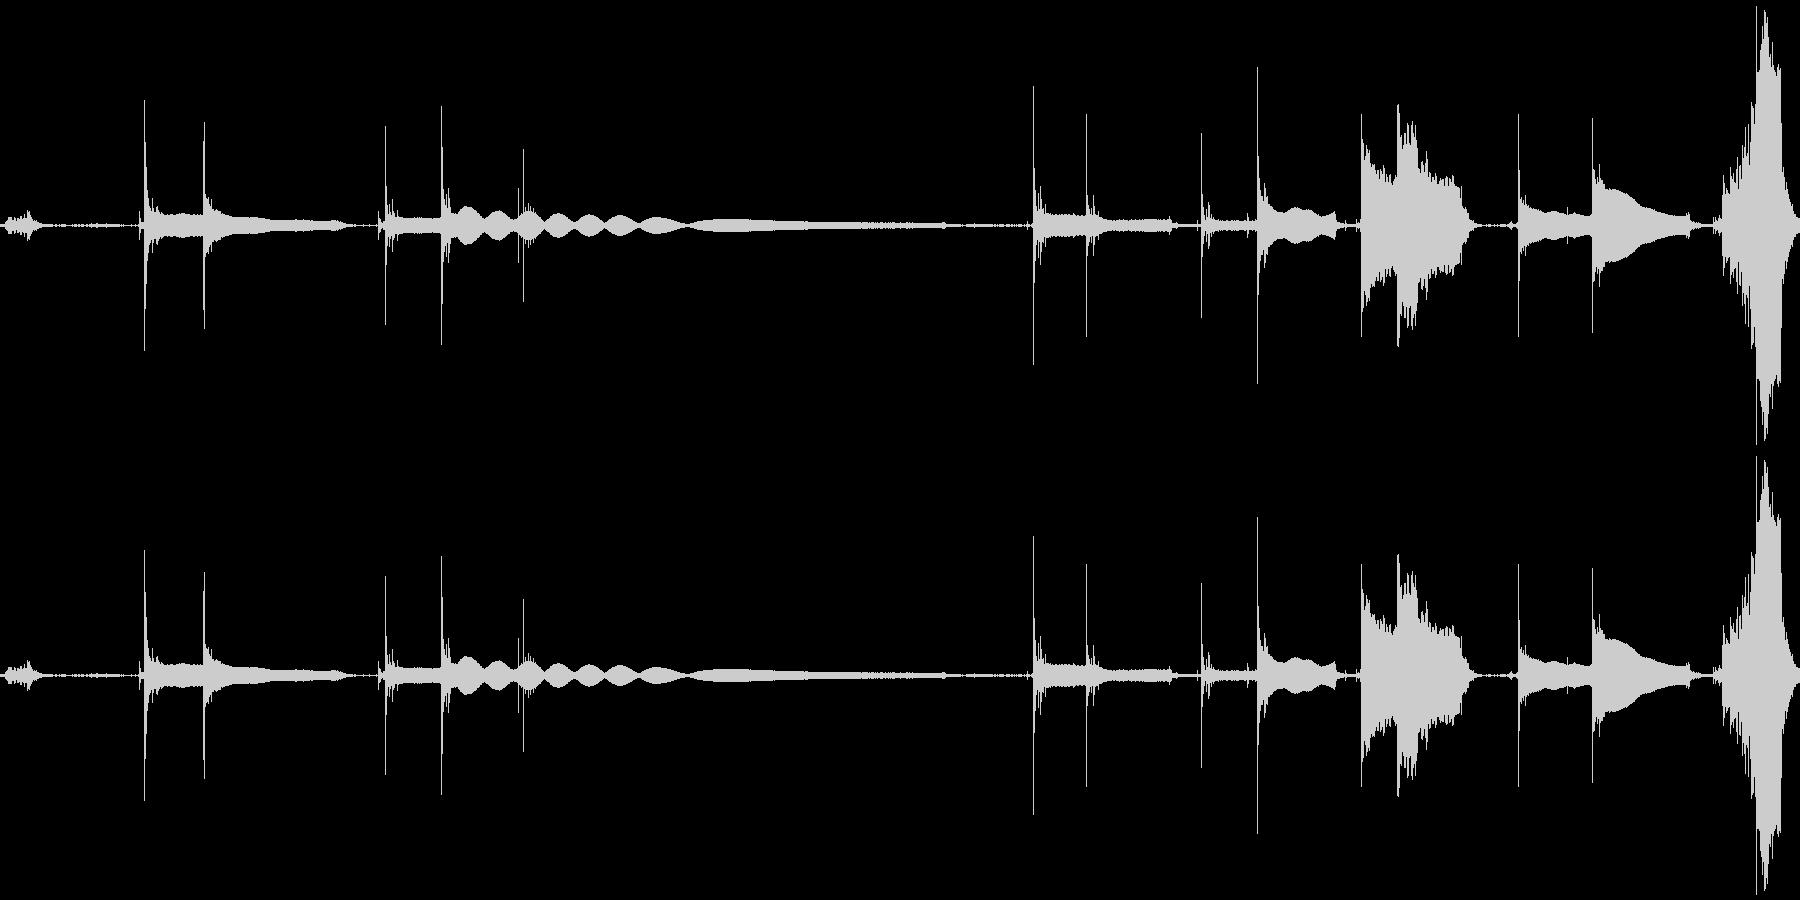 【ギターチューニング音】その②の未再生の波形